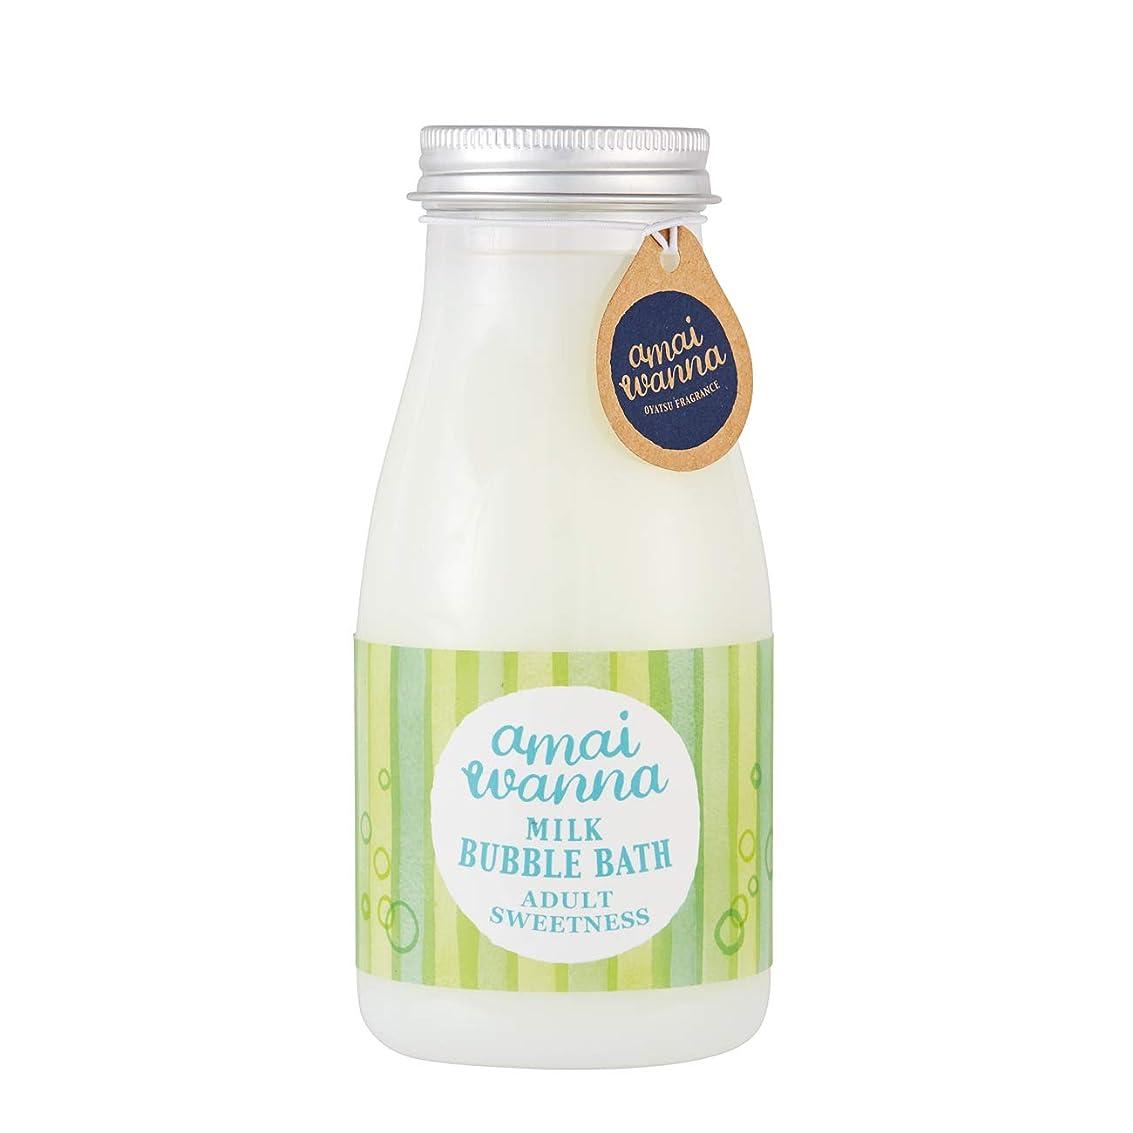 アマイワナSP ミルクバブルバス 大人の甘美デザート300mL(泡風呂タイプ入浴料 ギフト)